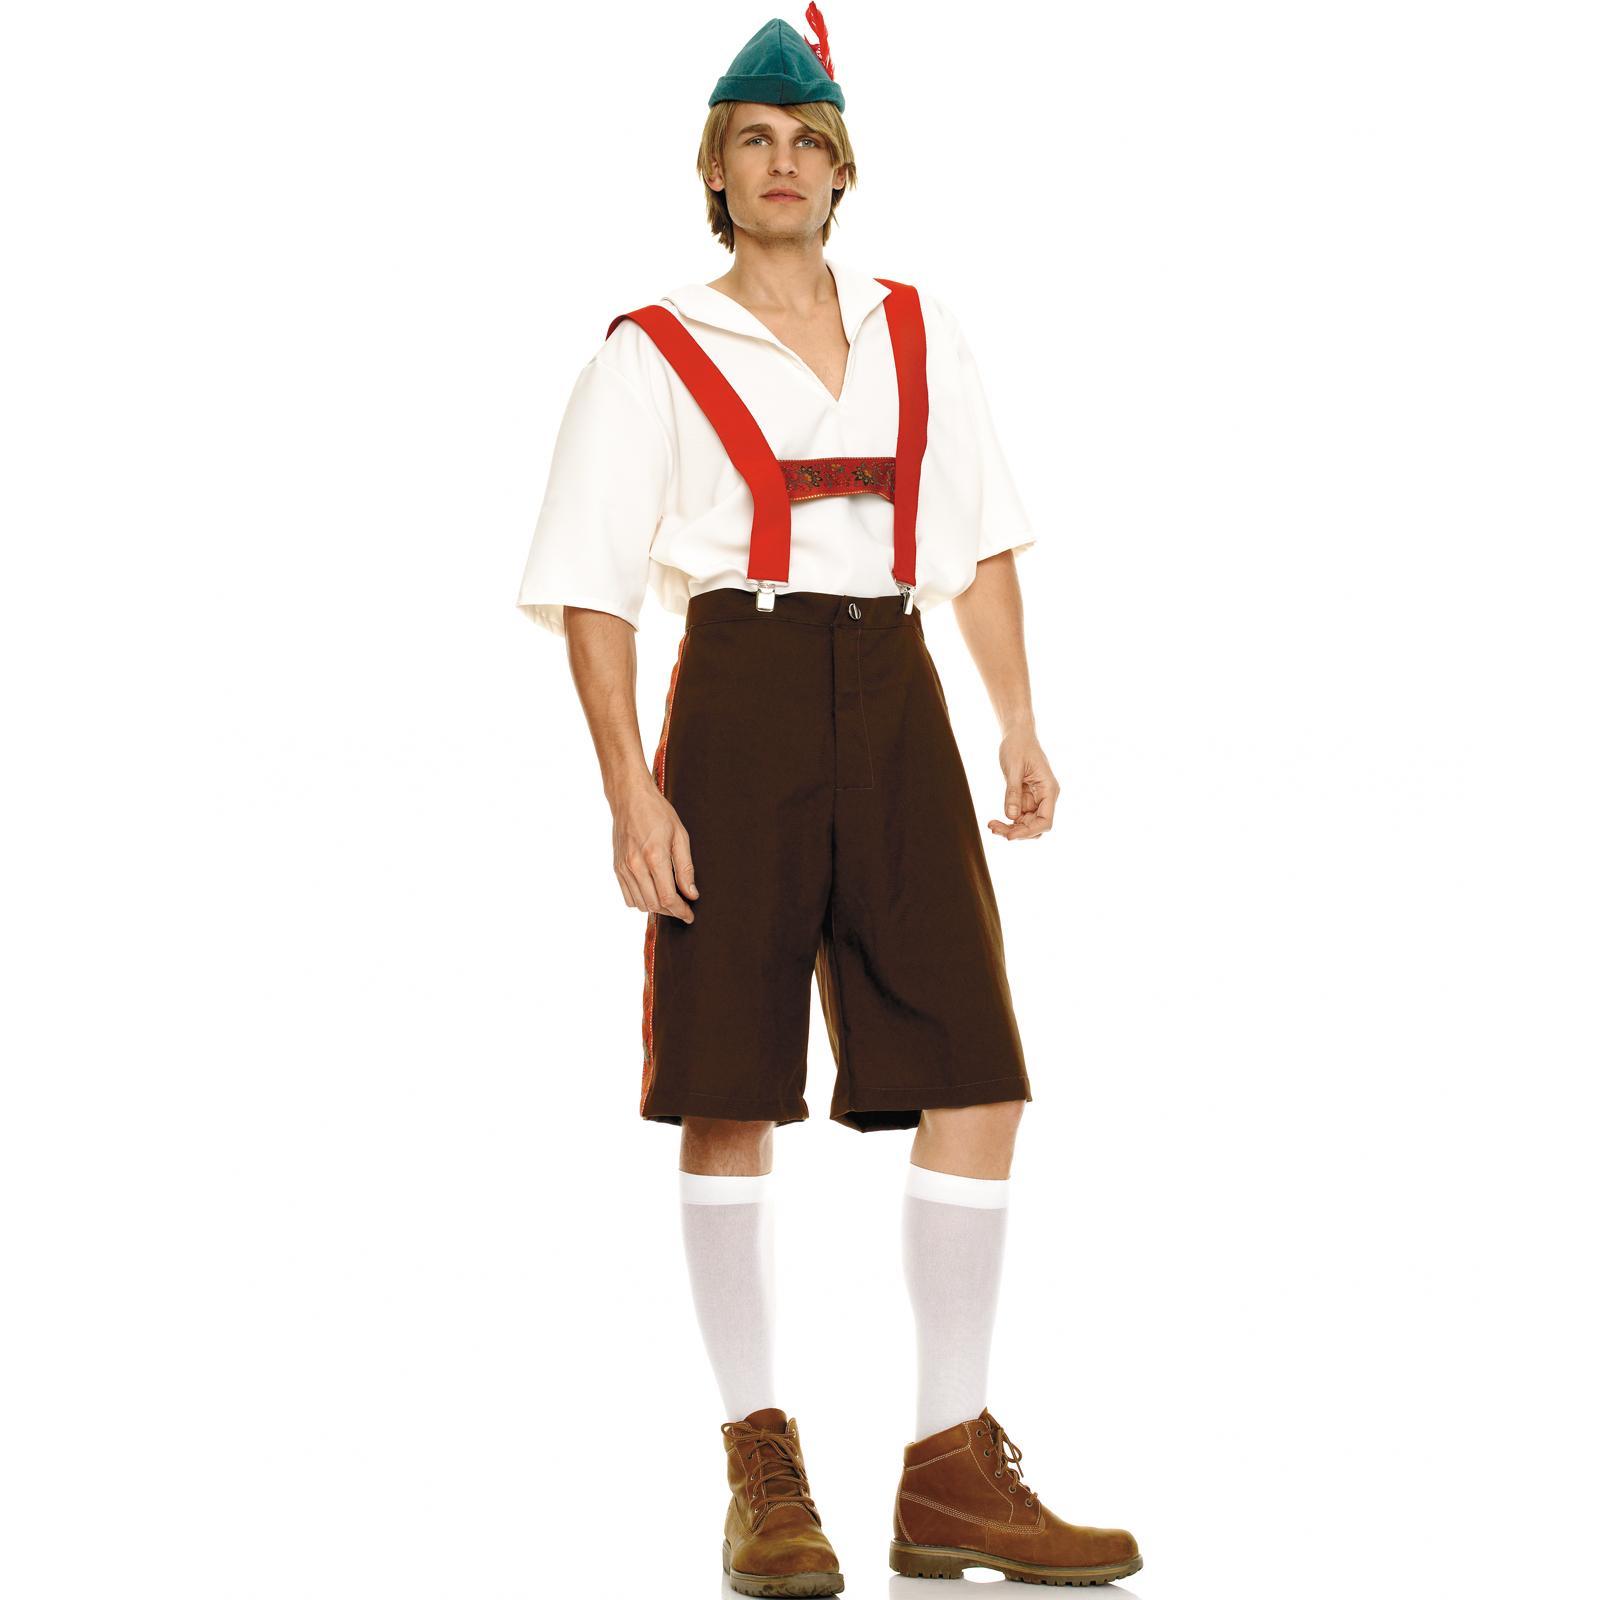 Mens Lederhosen Adult Costume